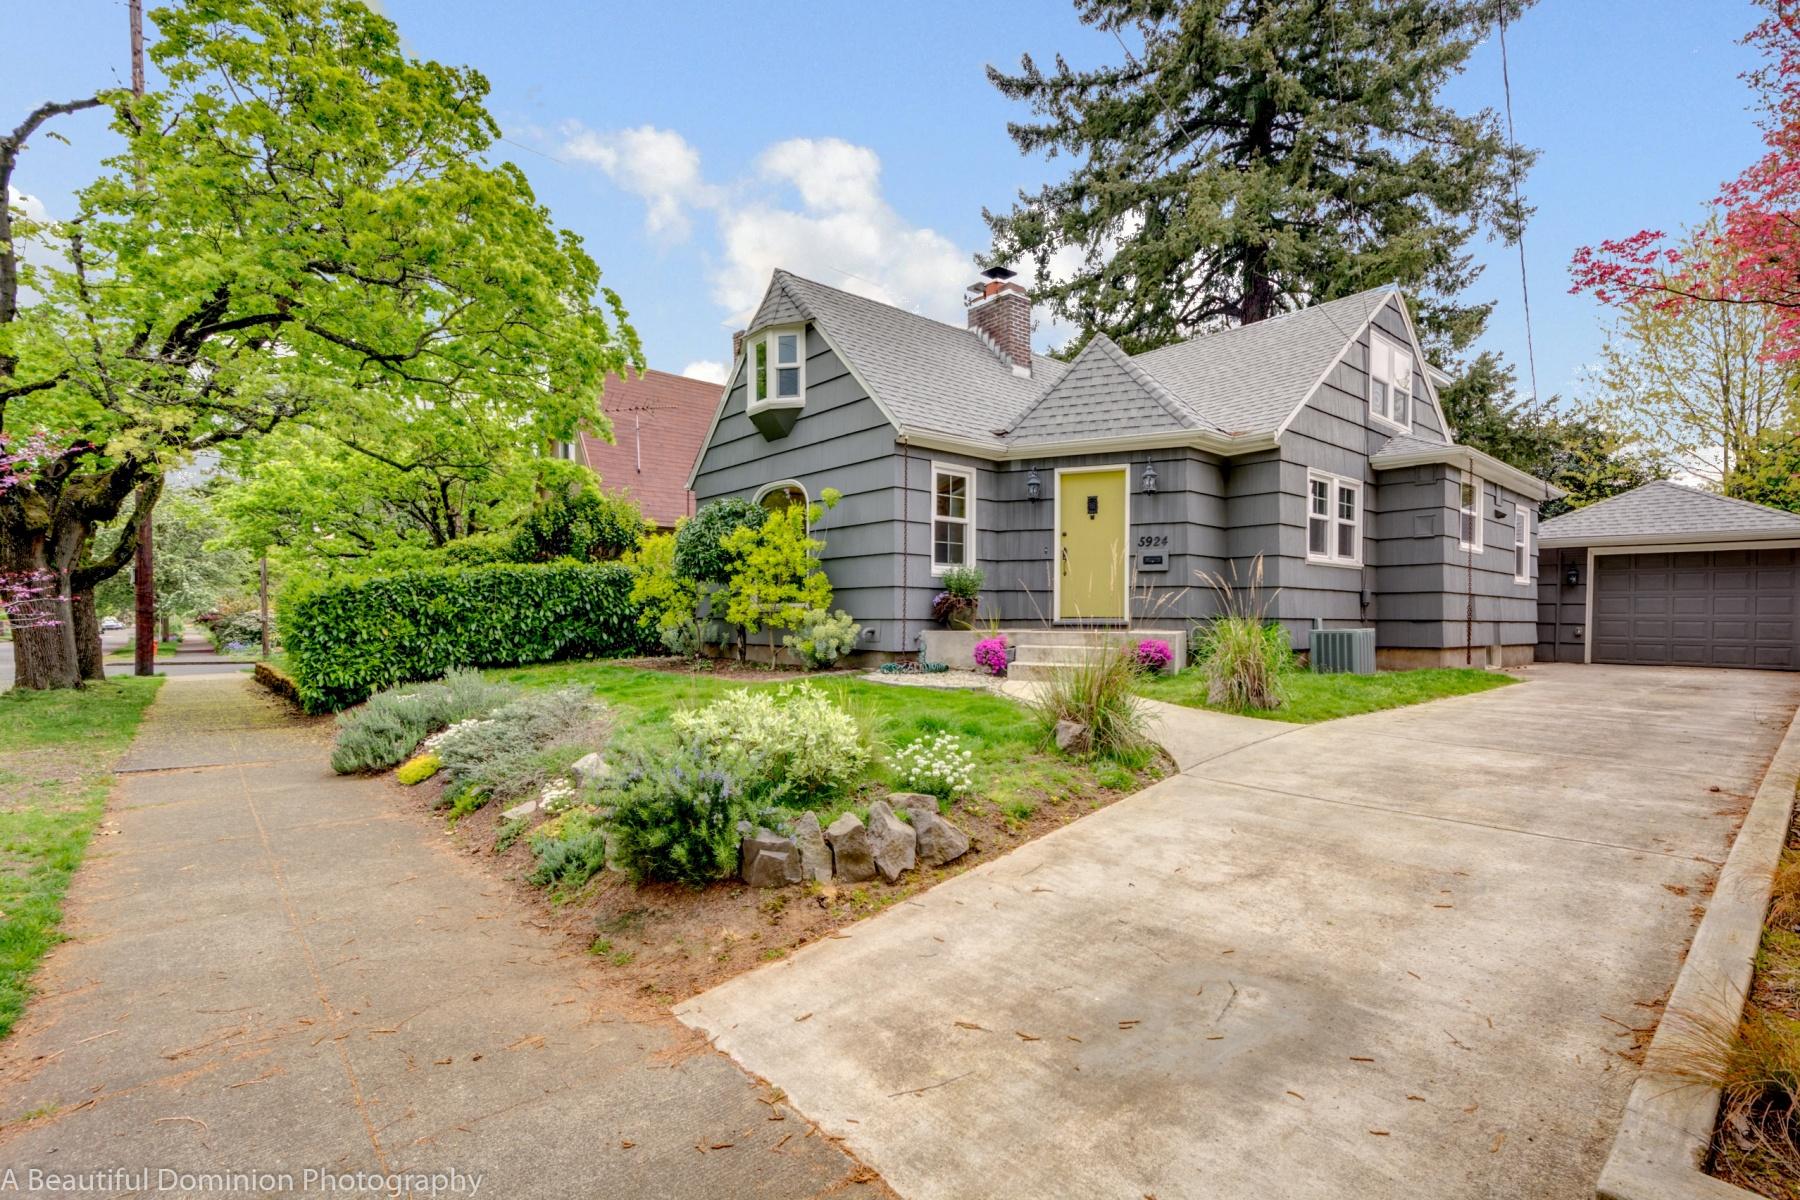 独户住宅 为 销售 在 5924 N VILLARD, PORTLAND 5924 N VILLARD Ave 波特兰, 俄勒冈州, 97217 美国